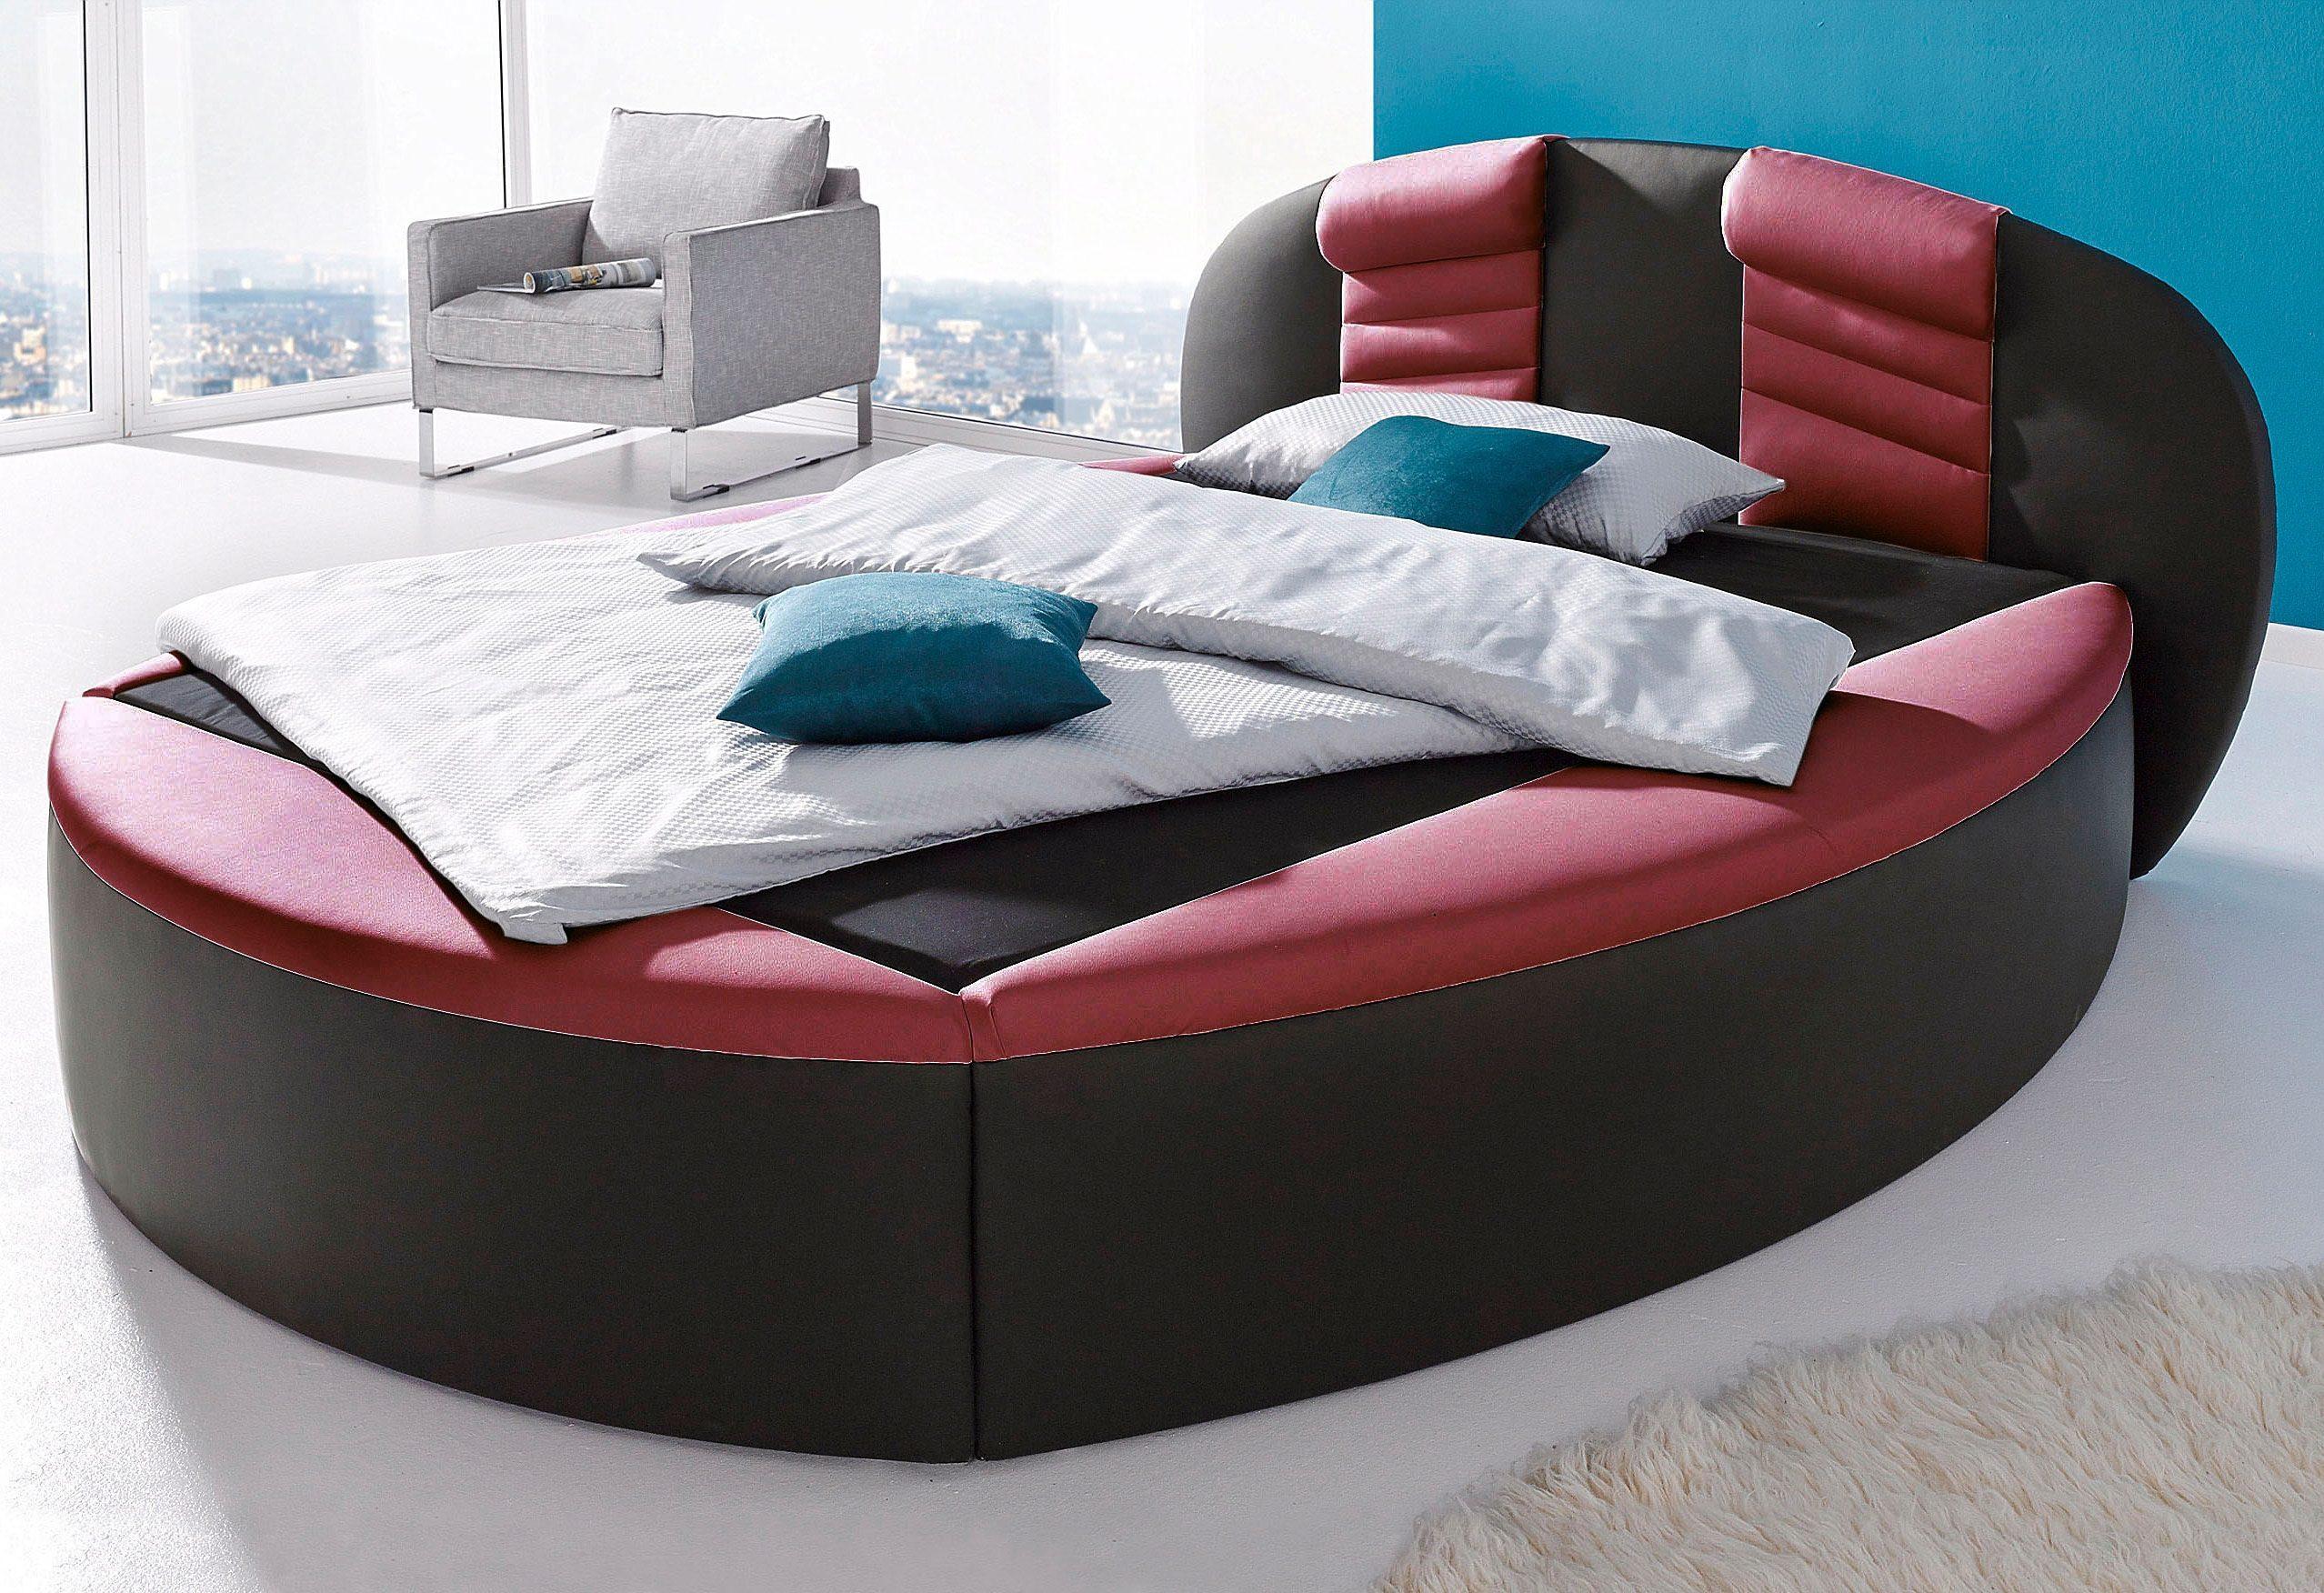 Westfalia Schlafkomfort Rundbett | Schlafzimmer > Betten > Rundbetten | Rot | Westfalia Schlafkomfort